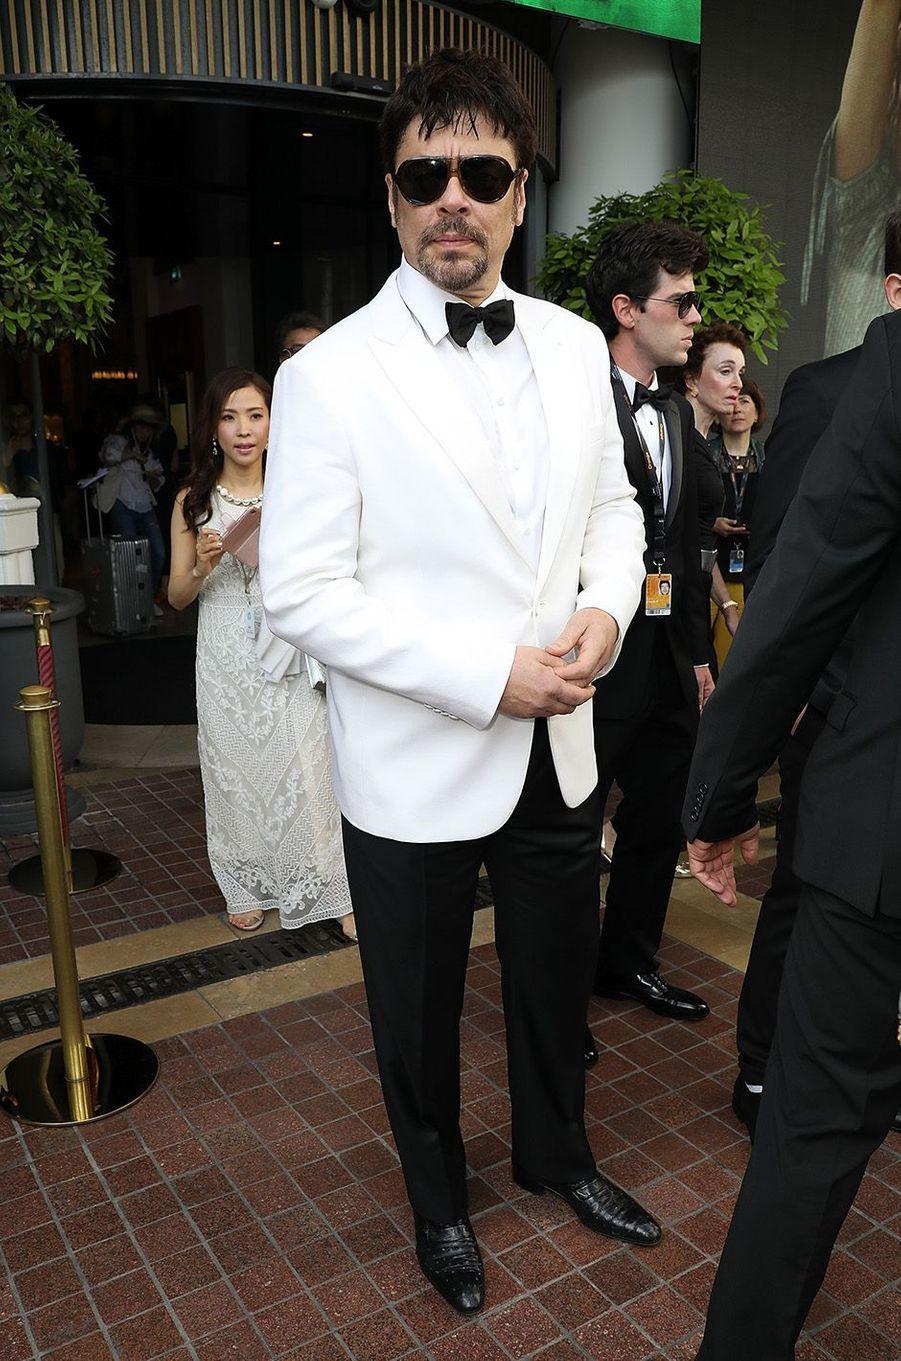 Benicio Del Torosur le tapis rouge de la 71e édition du festival de Cannes, le 8 mai 2018.